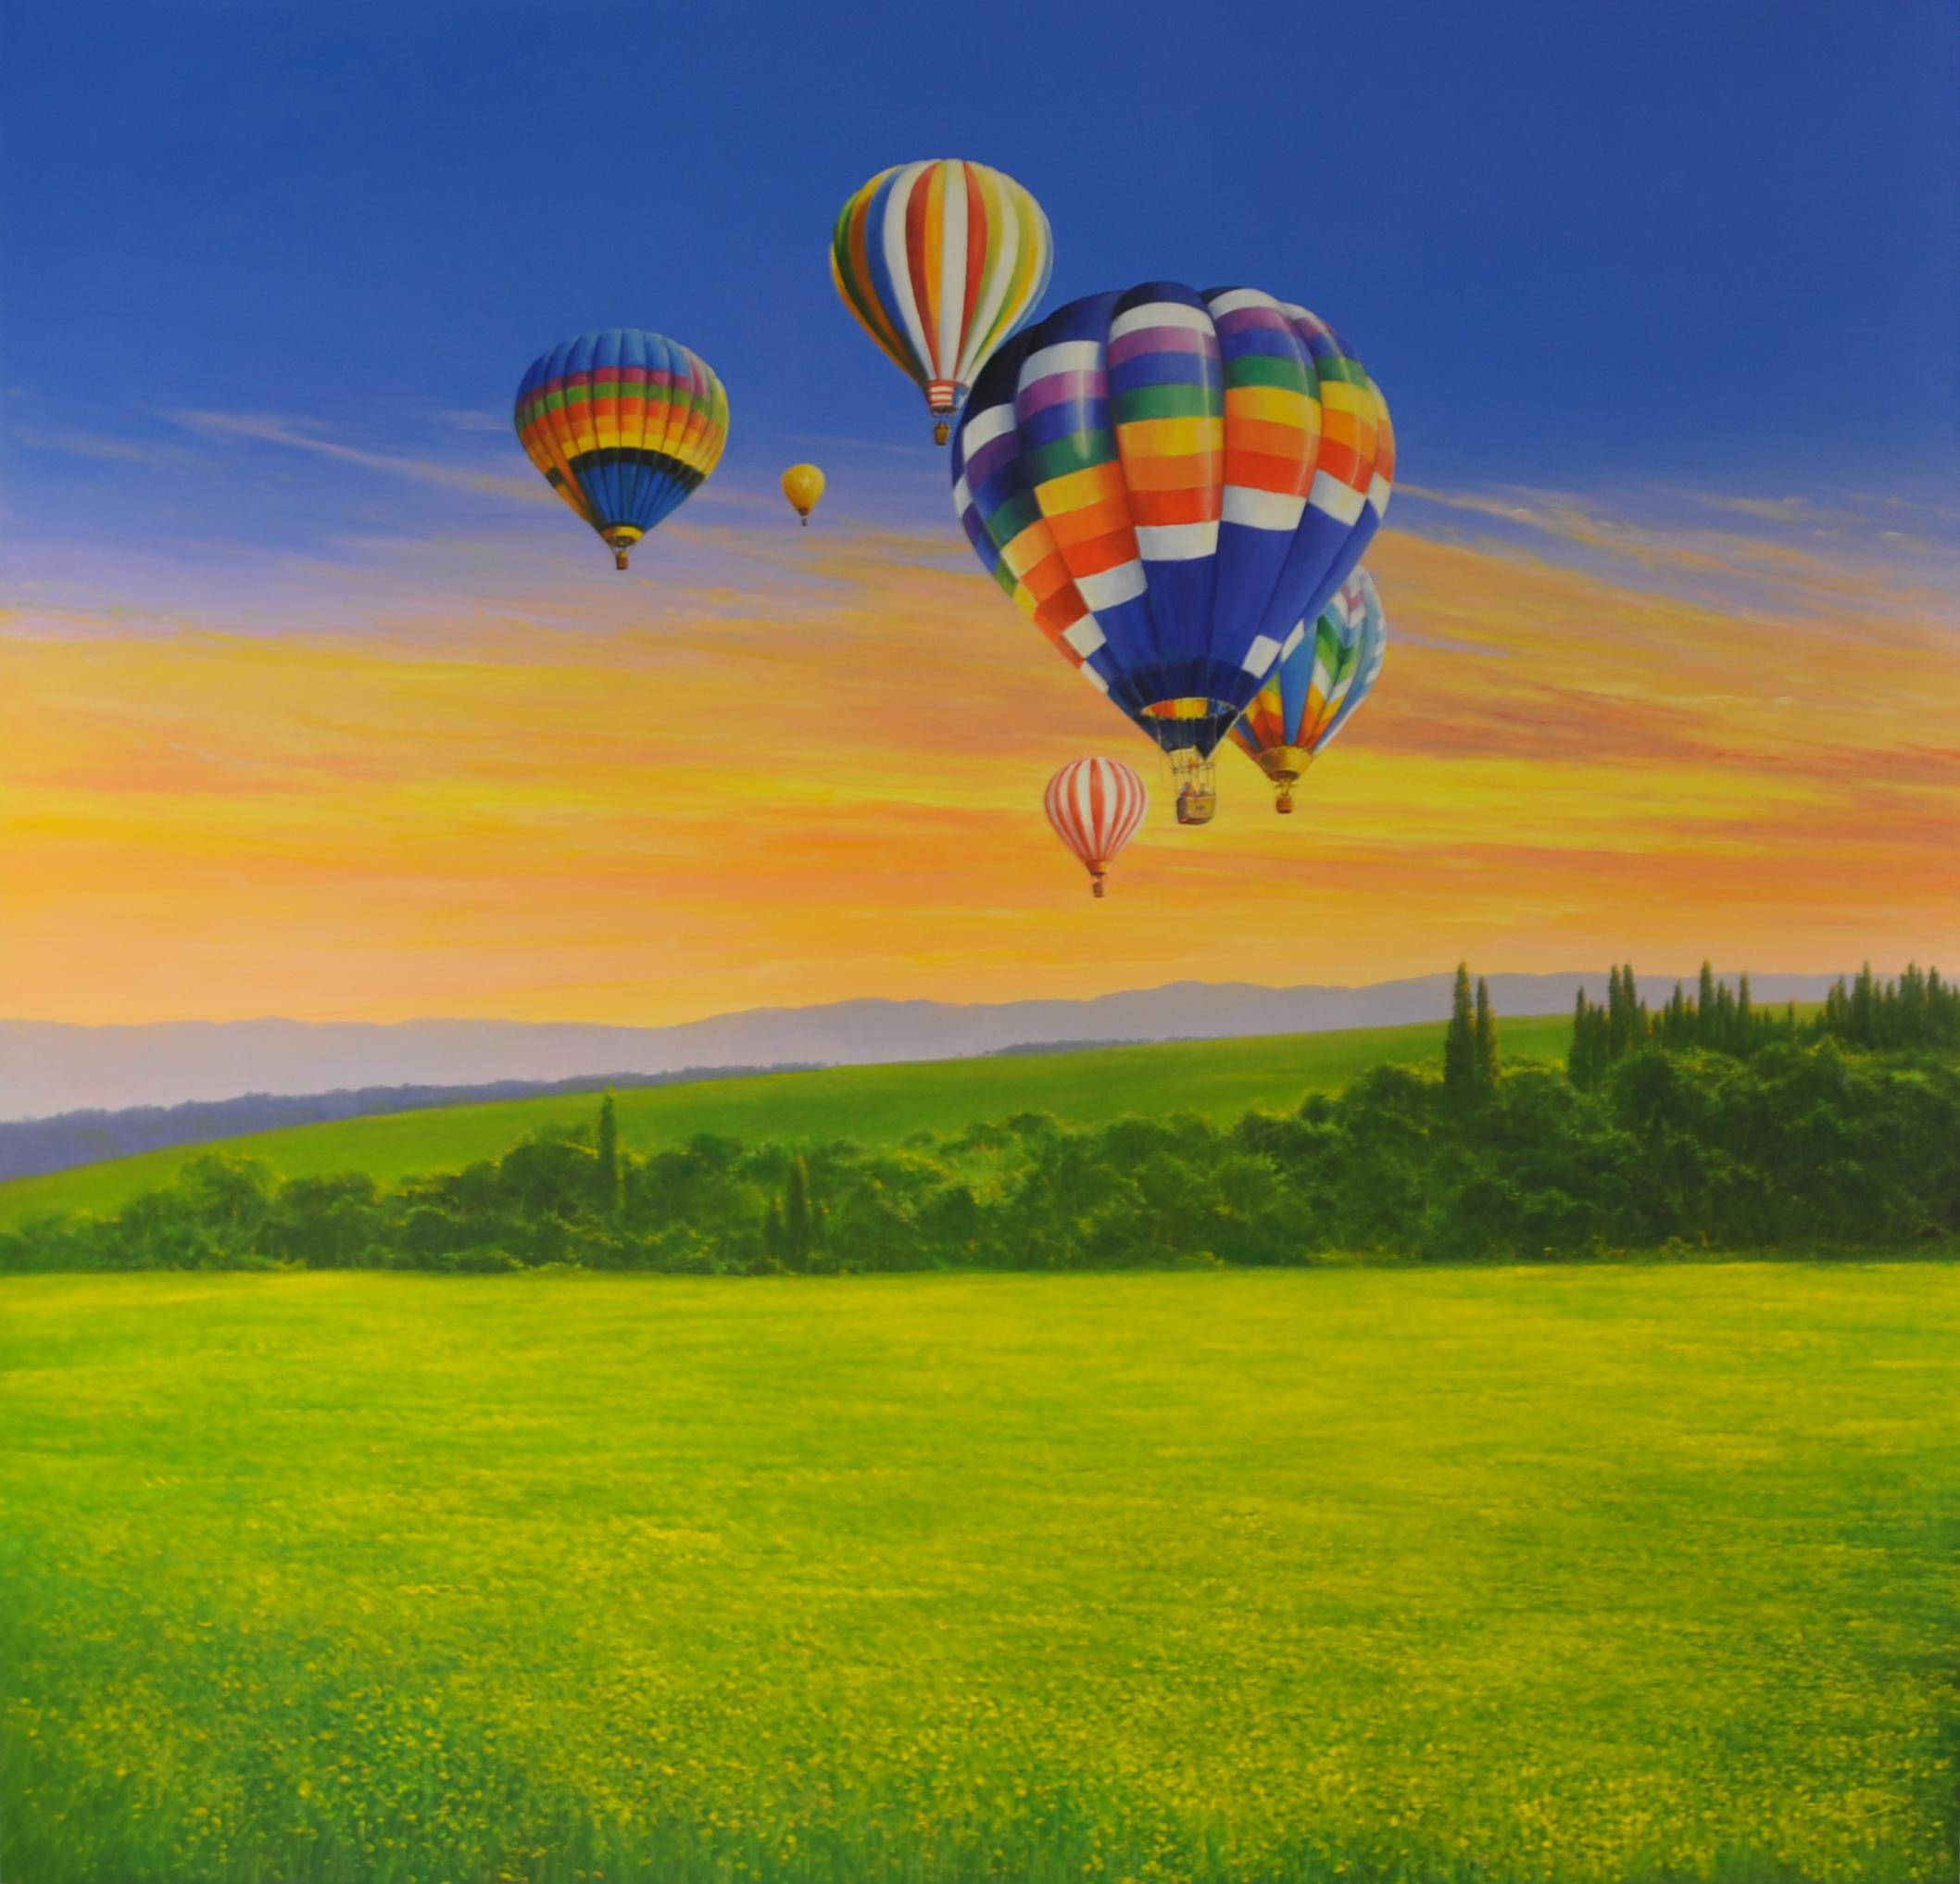 Detlef Rahn - Ballonfahrt Toscana , 7840-006-800